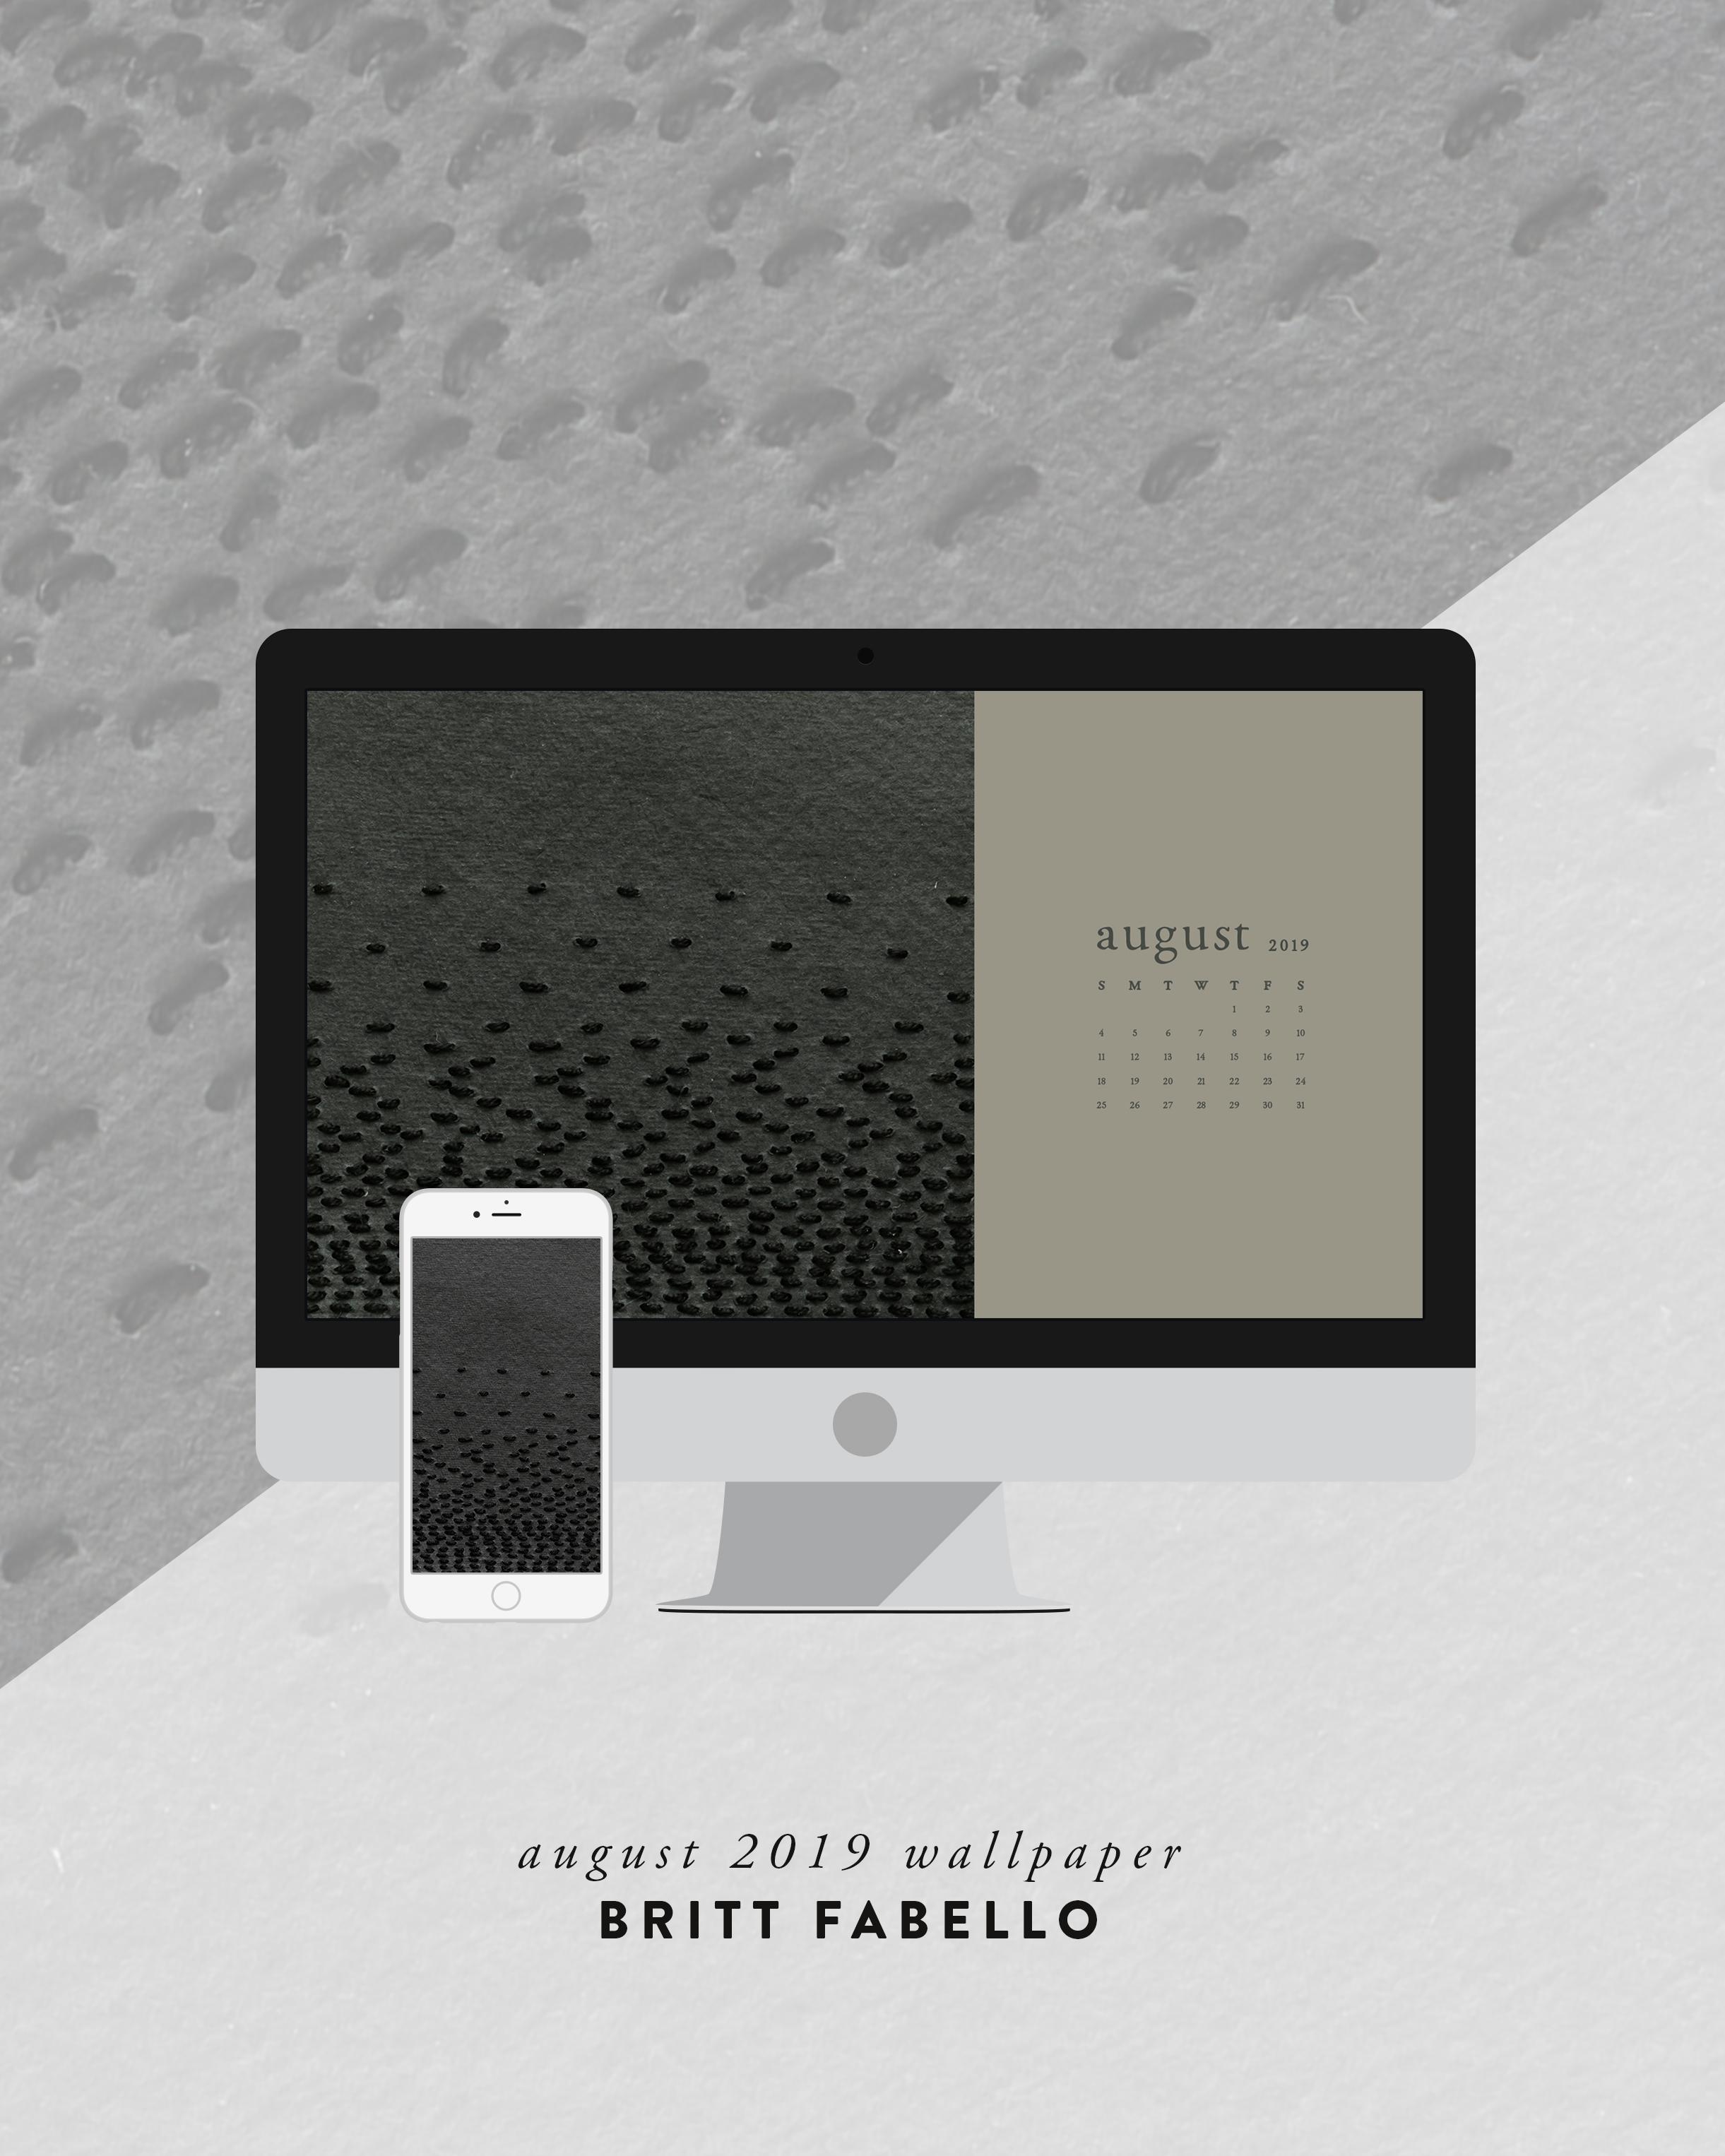 Wallpaper: August 2019 Calendar & Artwork | Computer & Phone | Britt Fabello